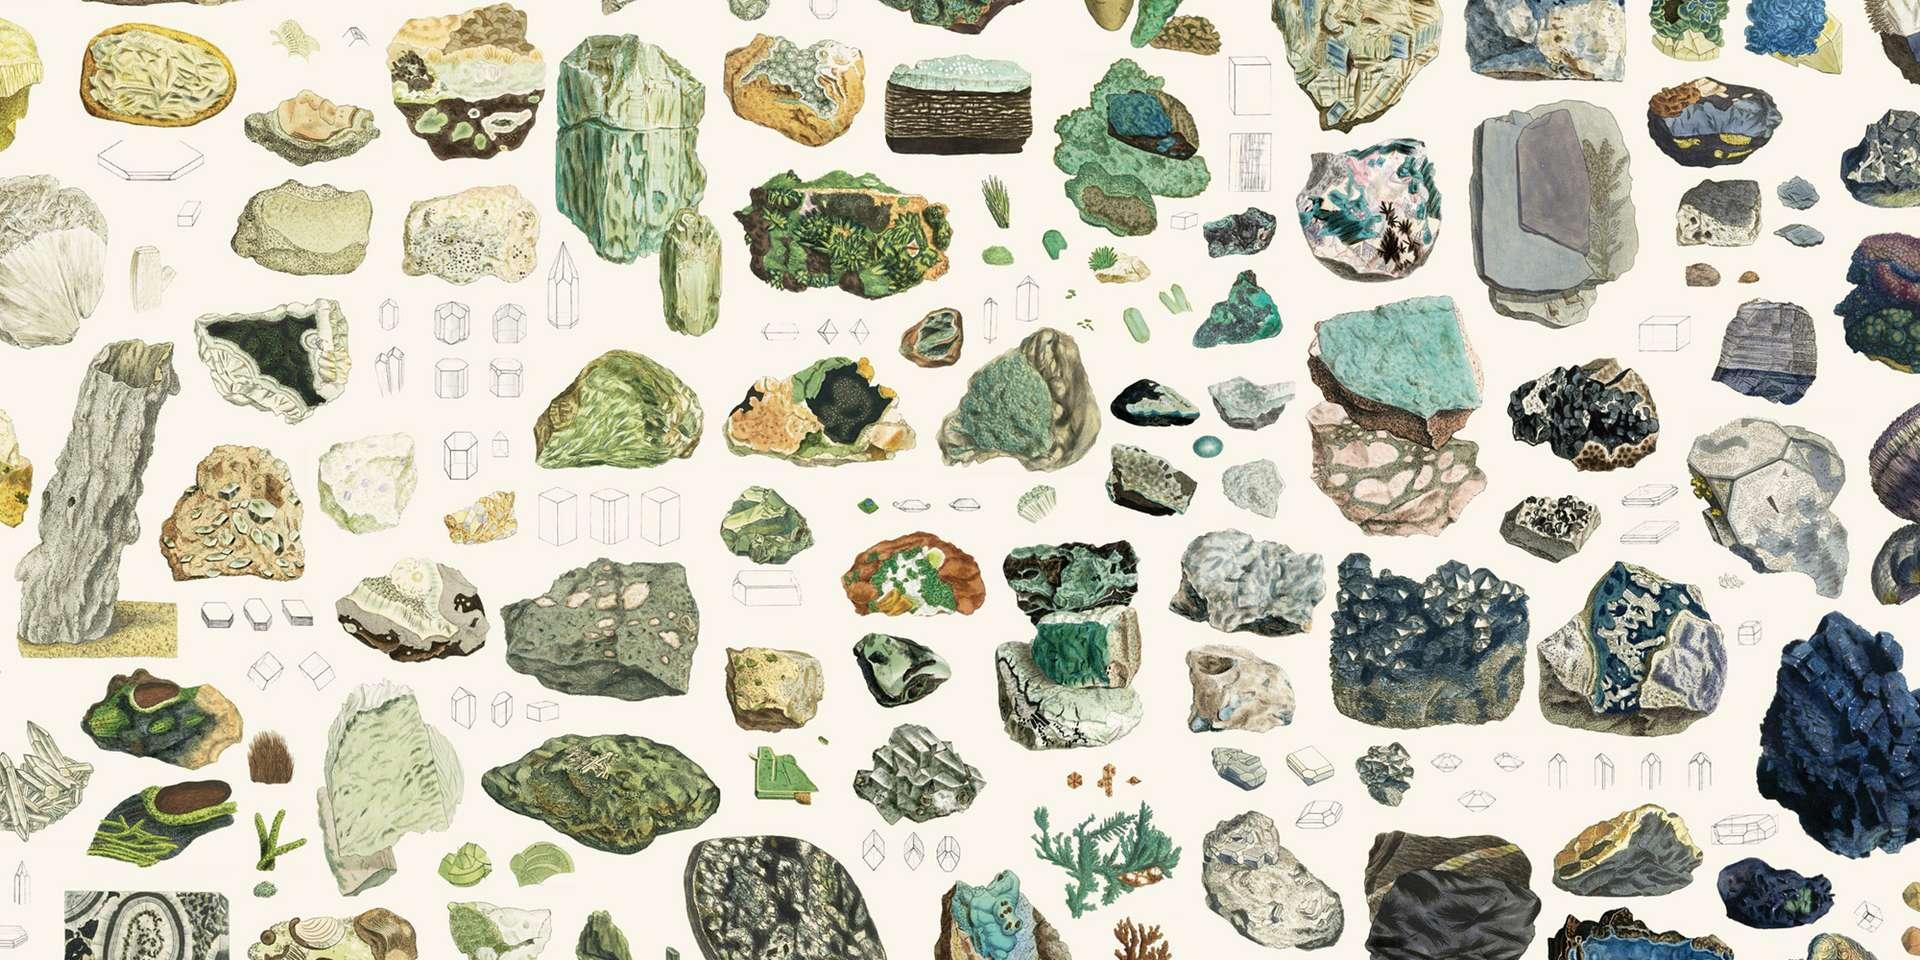 Amoureux des minéraux et mordus d'illustrations scientifiques, ce site est fait pour vous ! © Nicholas Rougeux